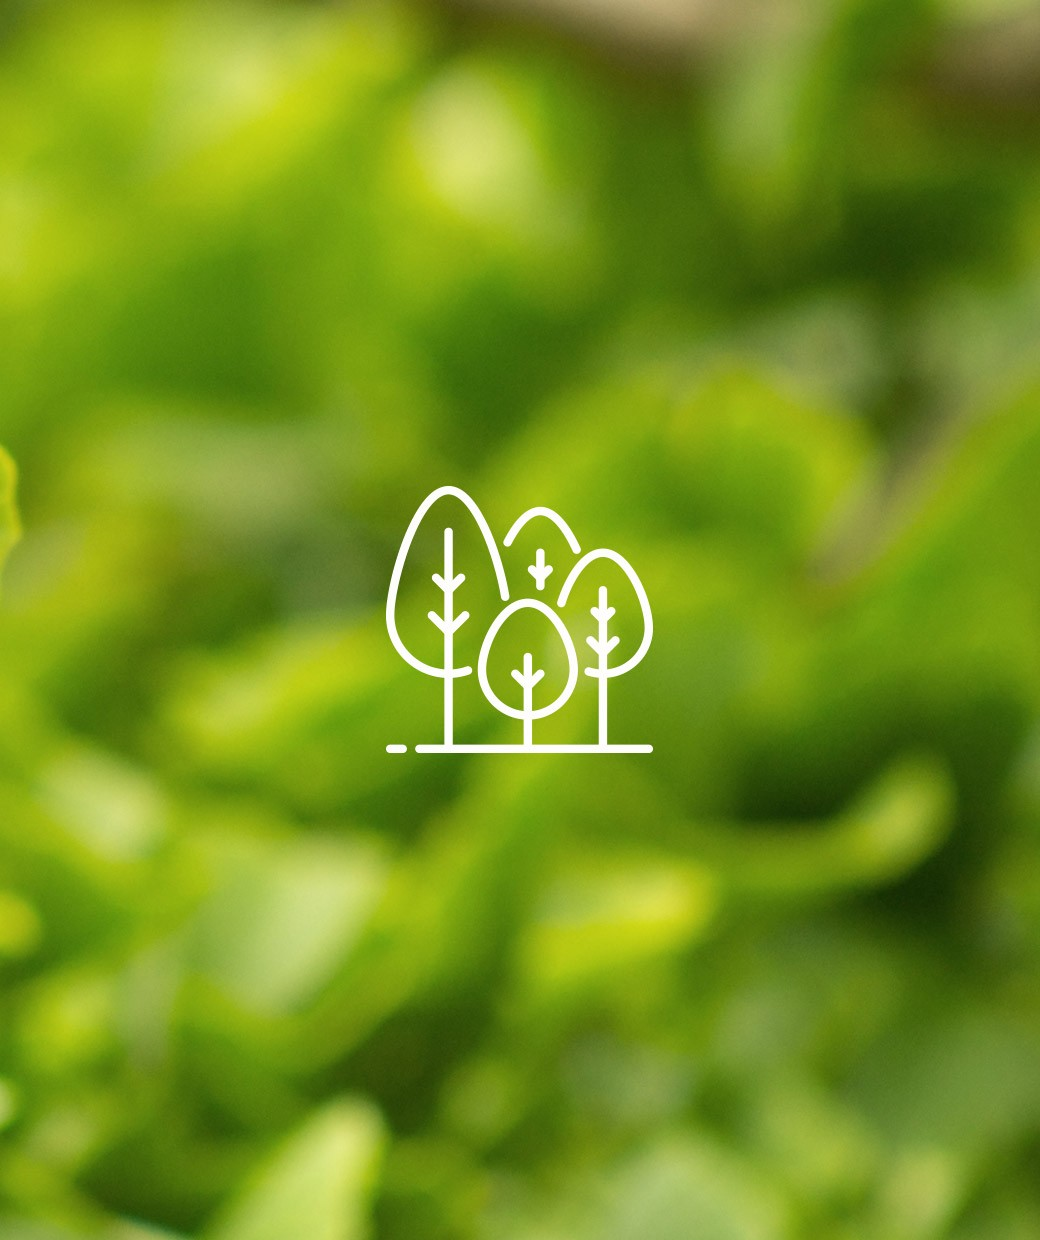 Irga (Cotoneaster glomerulatus) (łac. Cotoneaster glomerulatus)